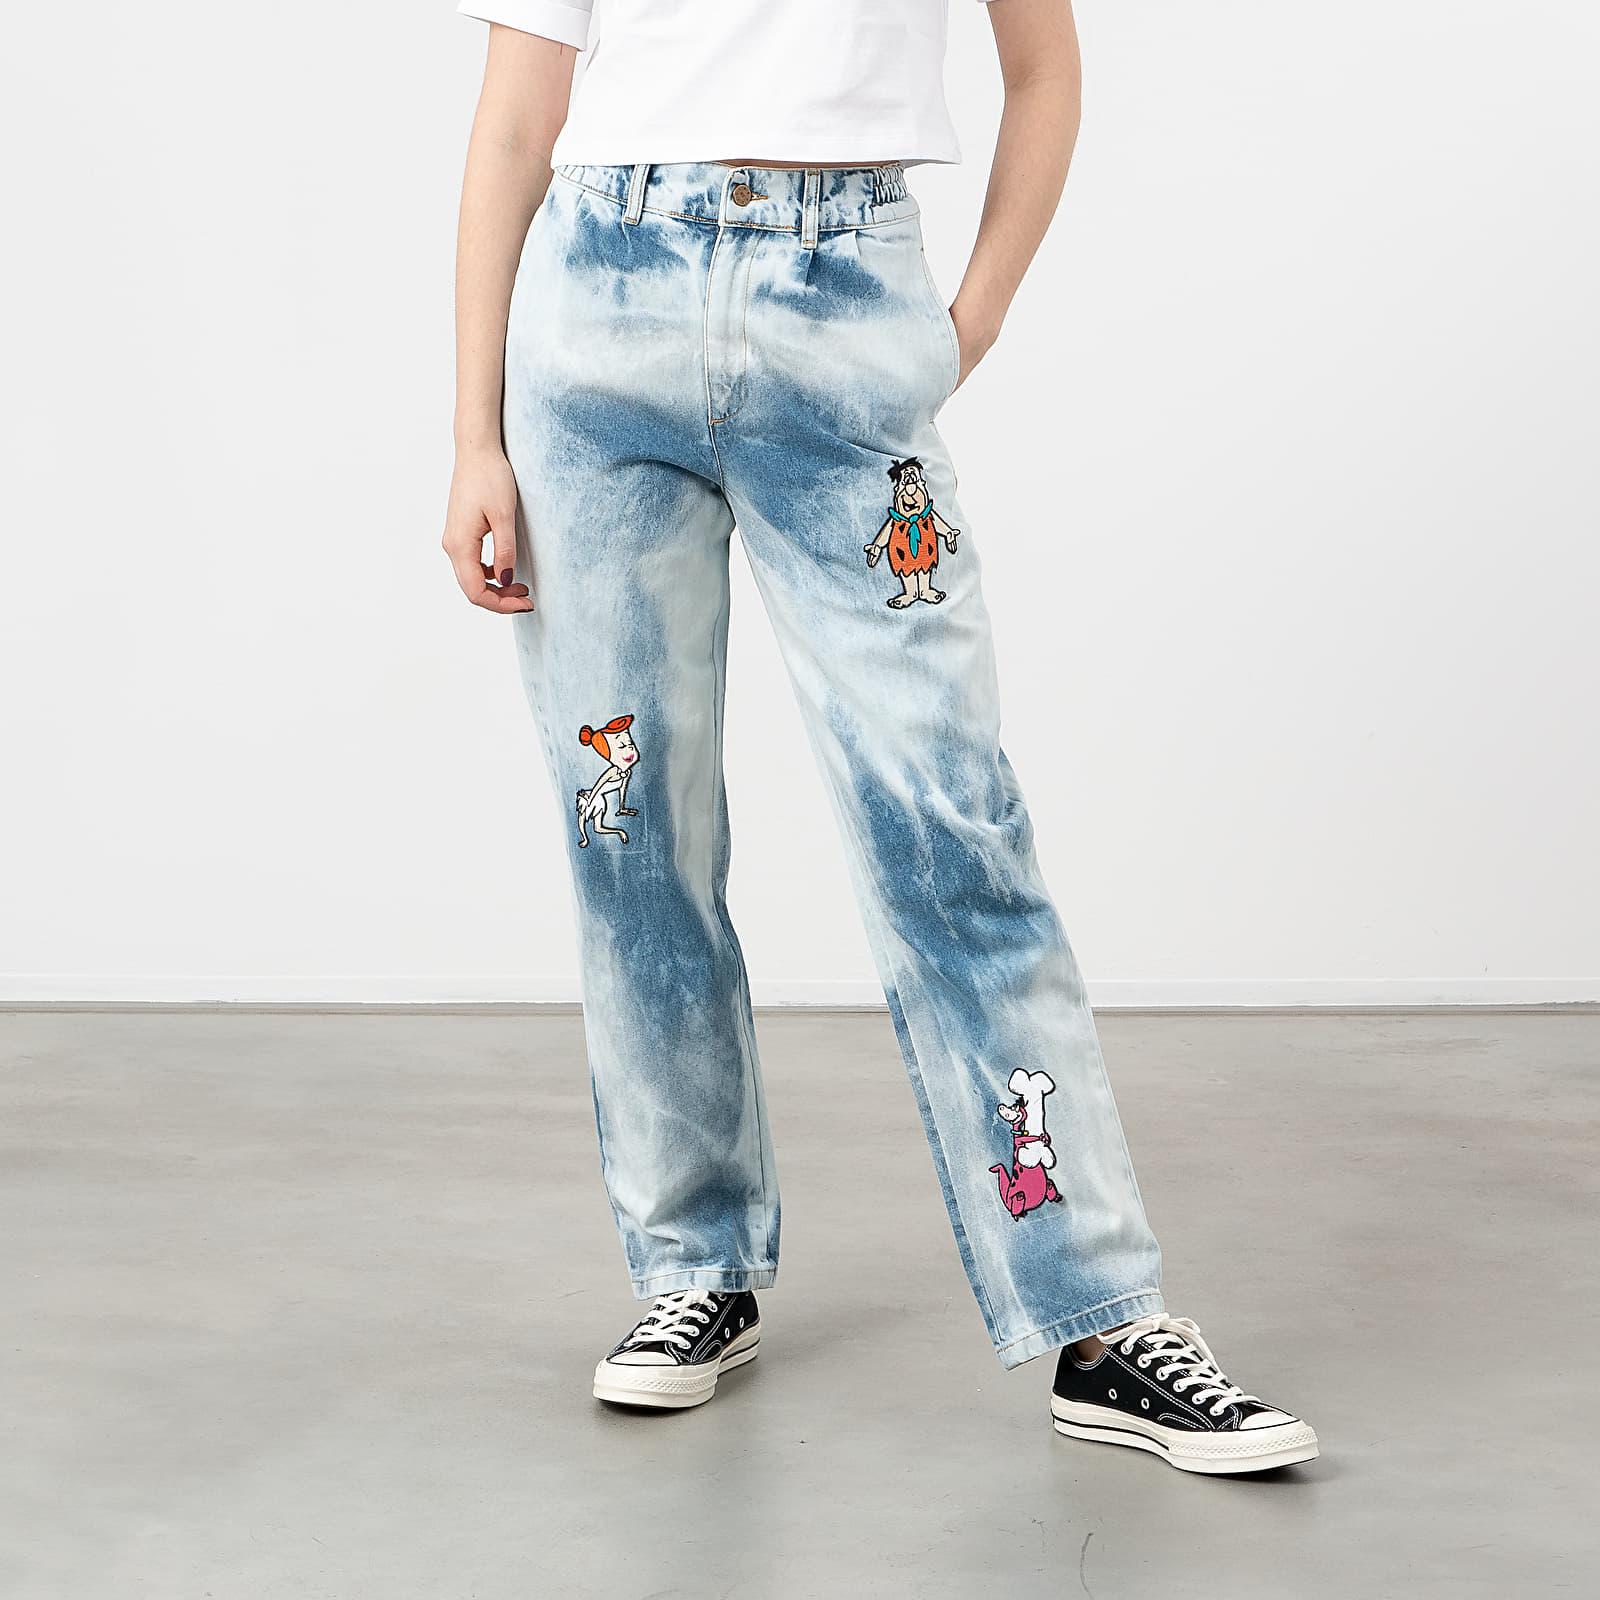 Lazy OAF x The Flinstones Bedrock Jeans